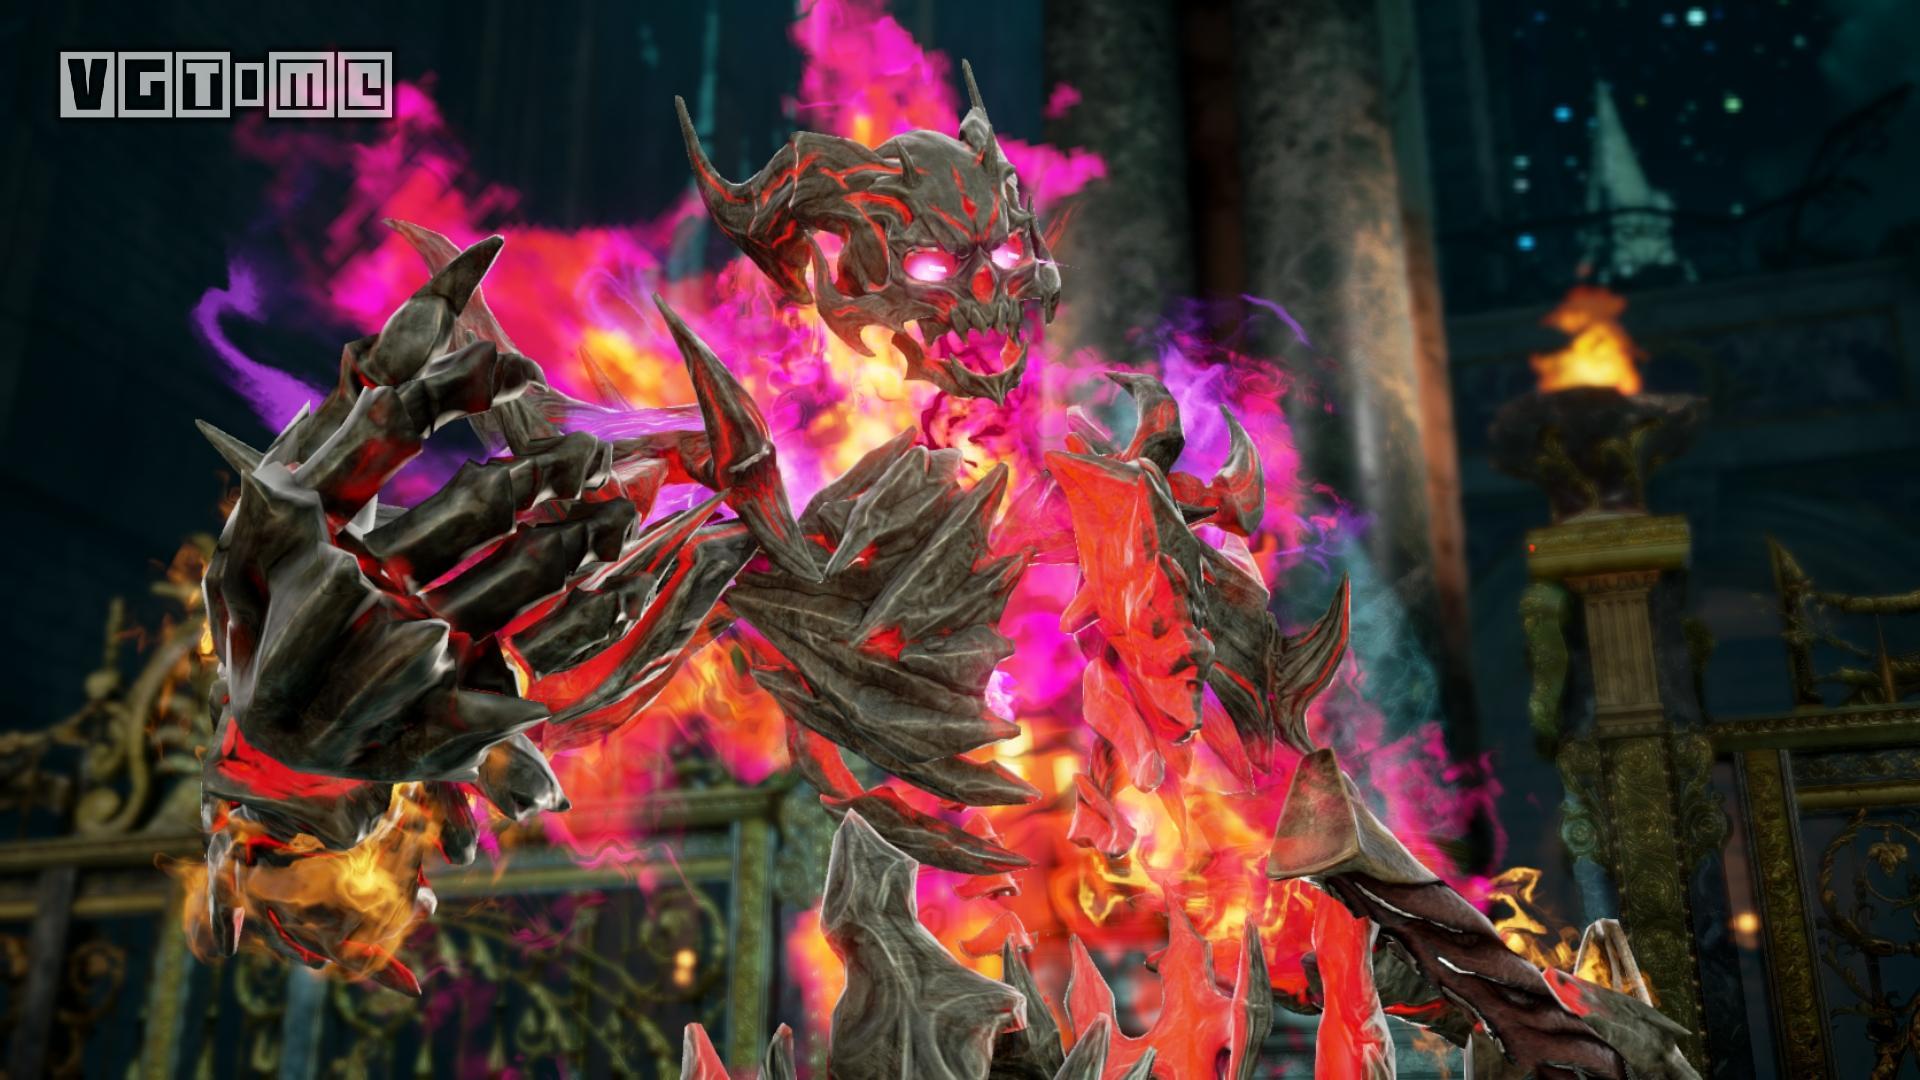 《灵魂能力6》新角色参战 手持魔剑的Inferno